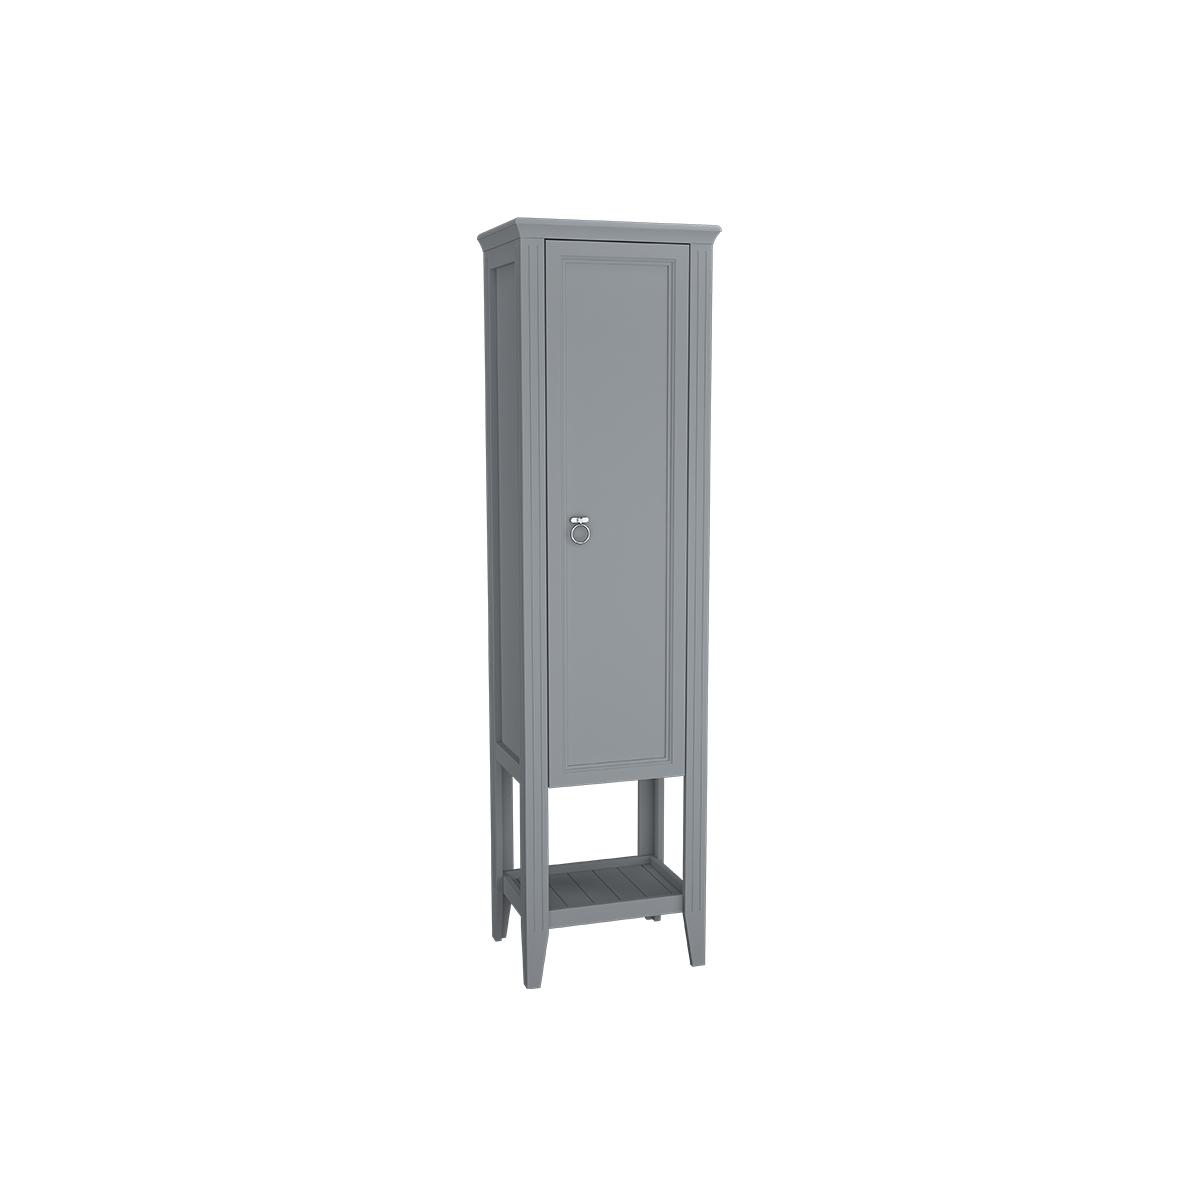 Valarte armoire haute, 55 cm, porte à droite, gris mat